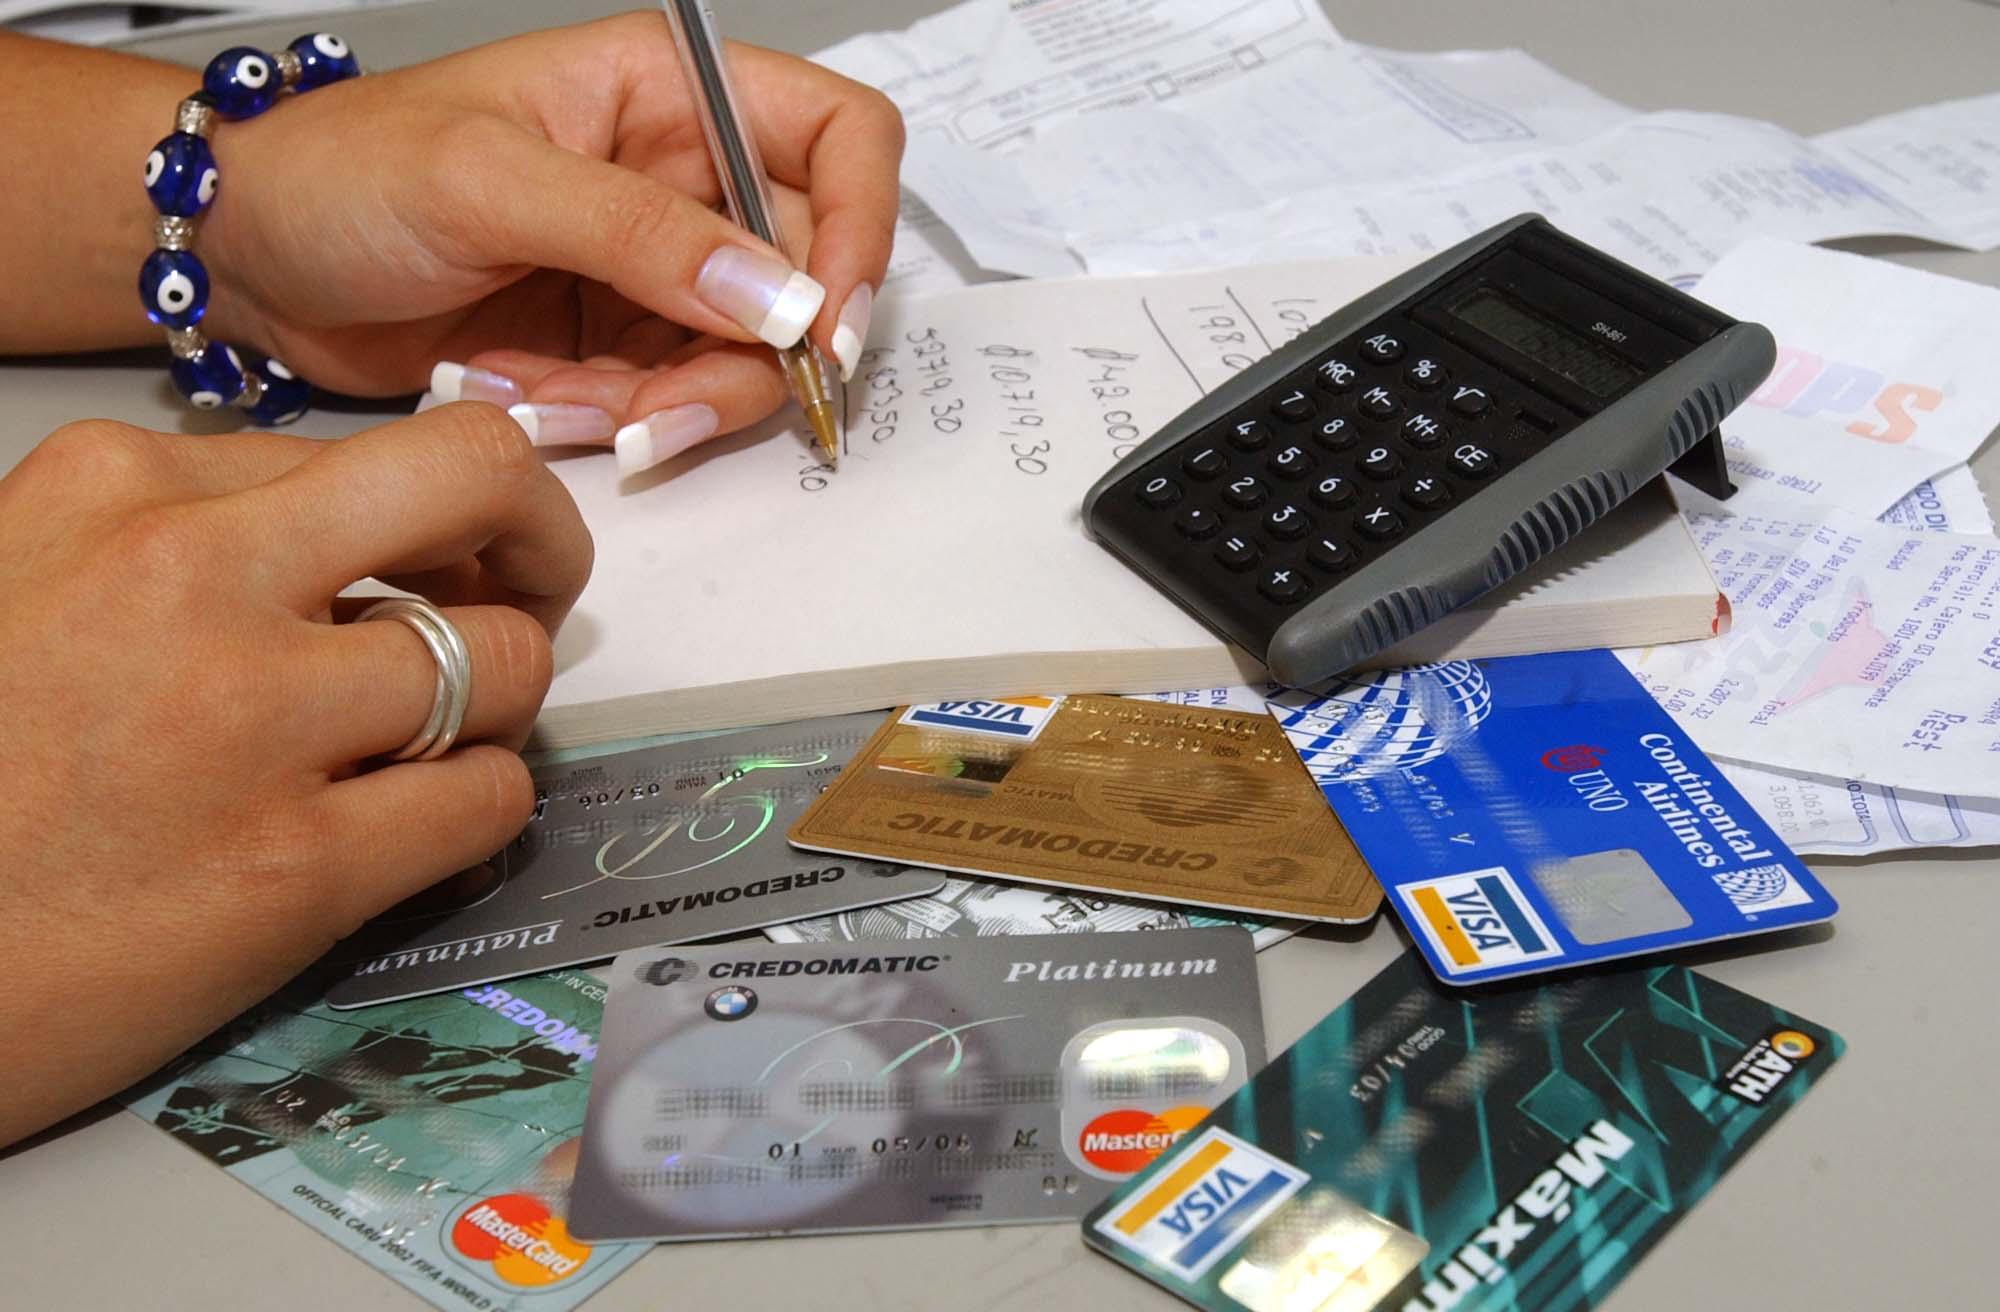 Aumentan límite de tarjetas de crédito hasta Bs. 36 millones